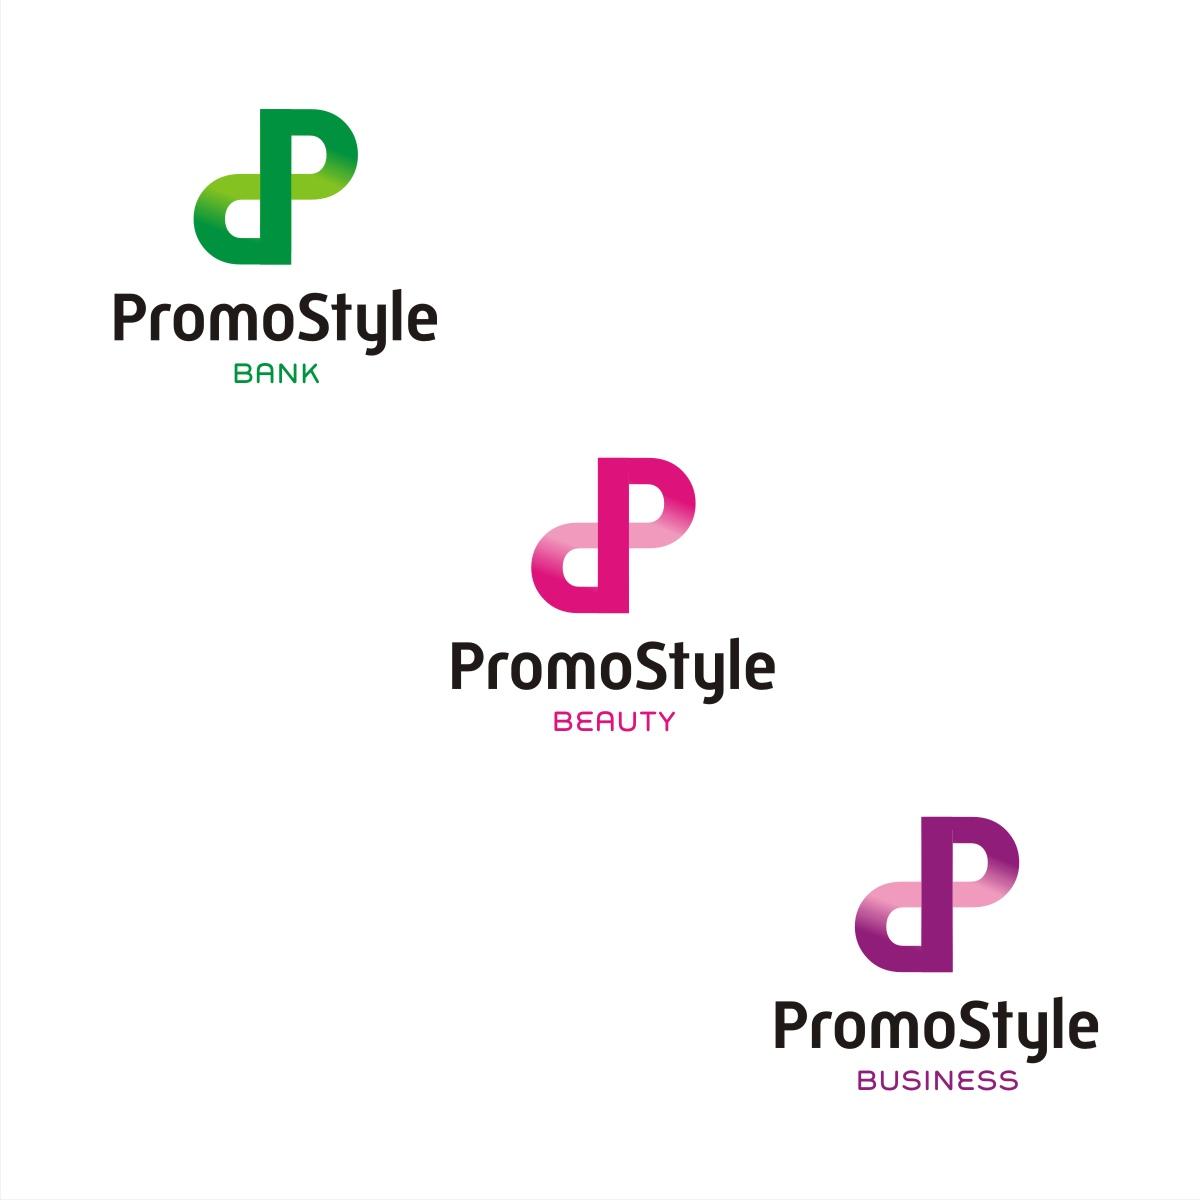 ЛОГОТИП для рекламного агентства фото f_7865b60218574613.jpg